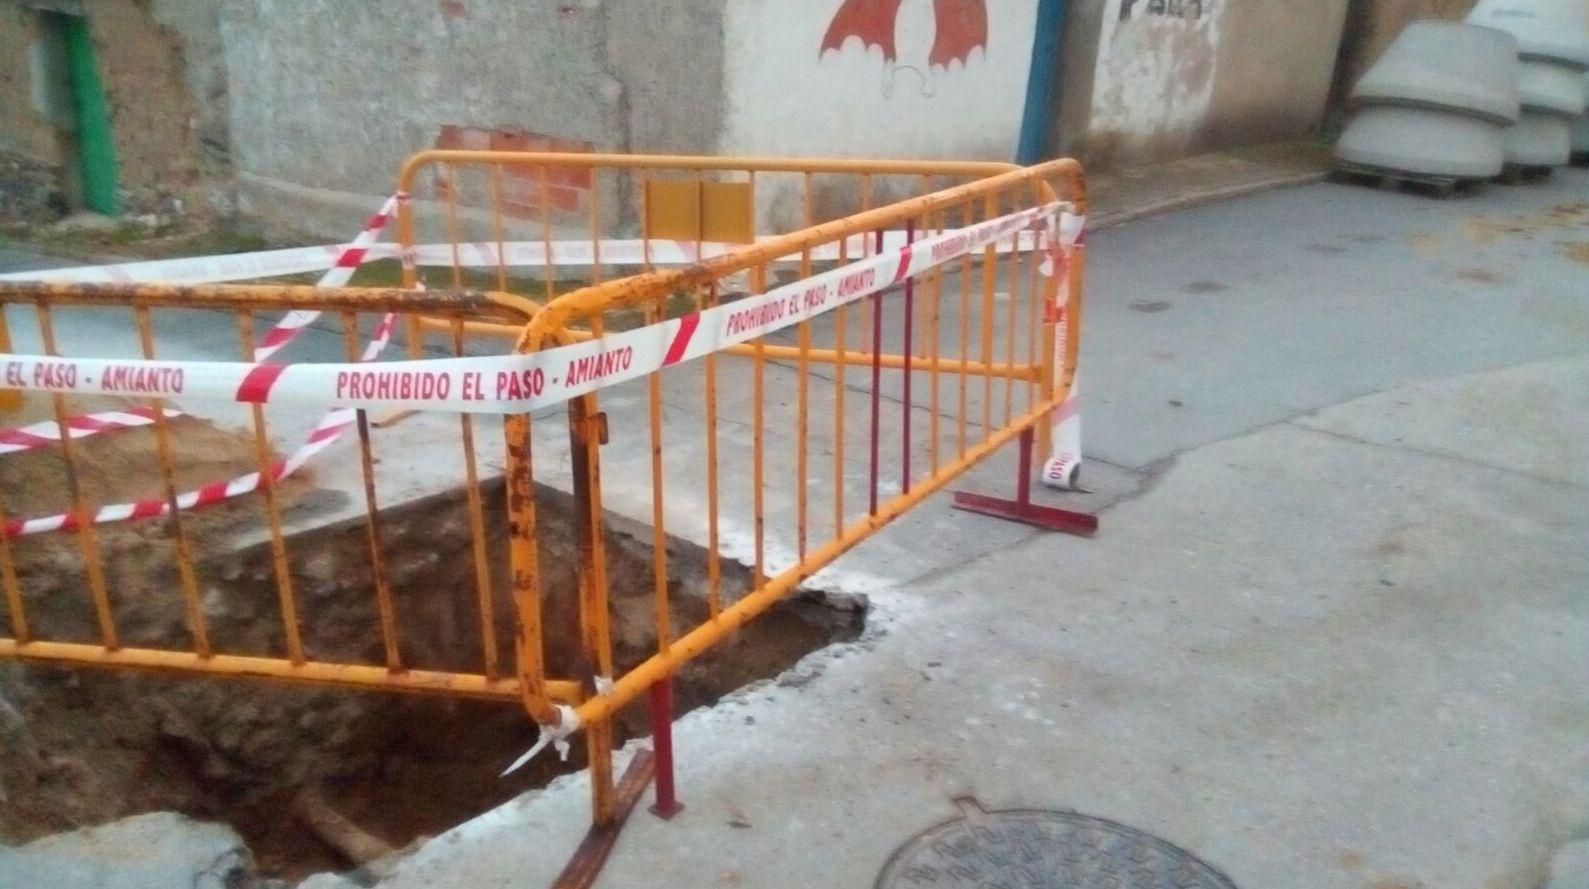 CORTE DE TUBERÍAS CON AMIANTO EN SALAMANCA